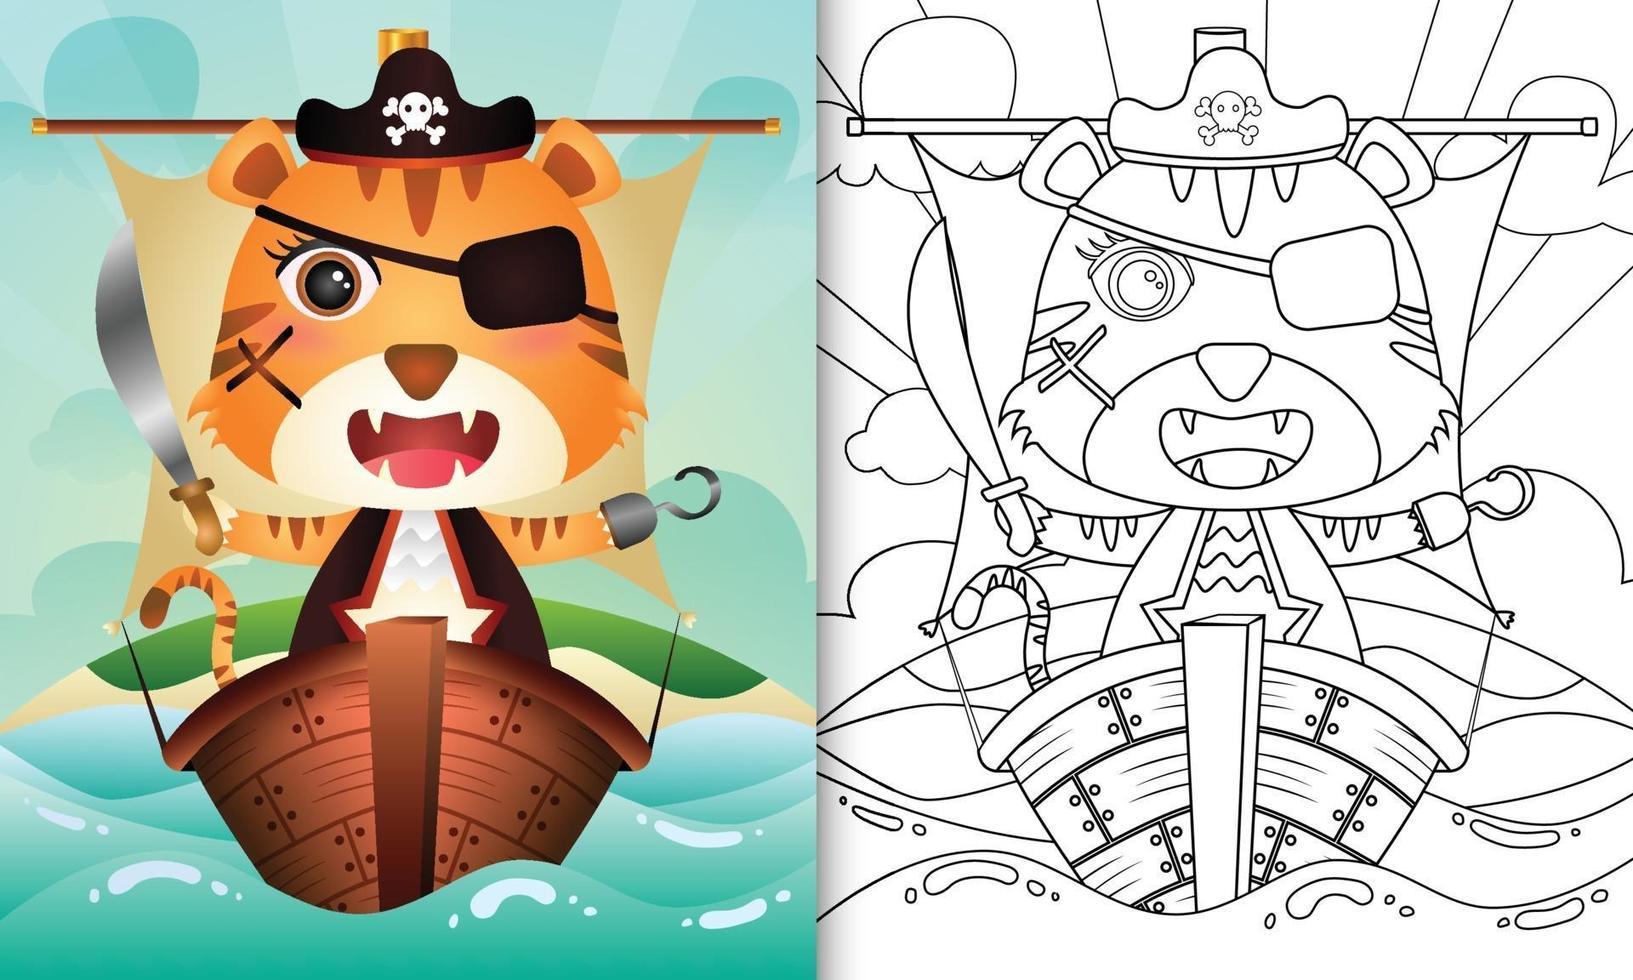 libro para colorear para niños con una linda ilustración de personaje de tigre pirata vector